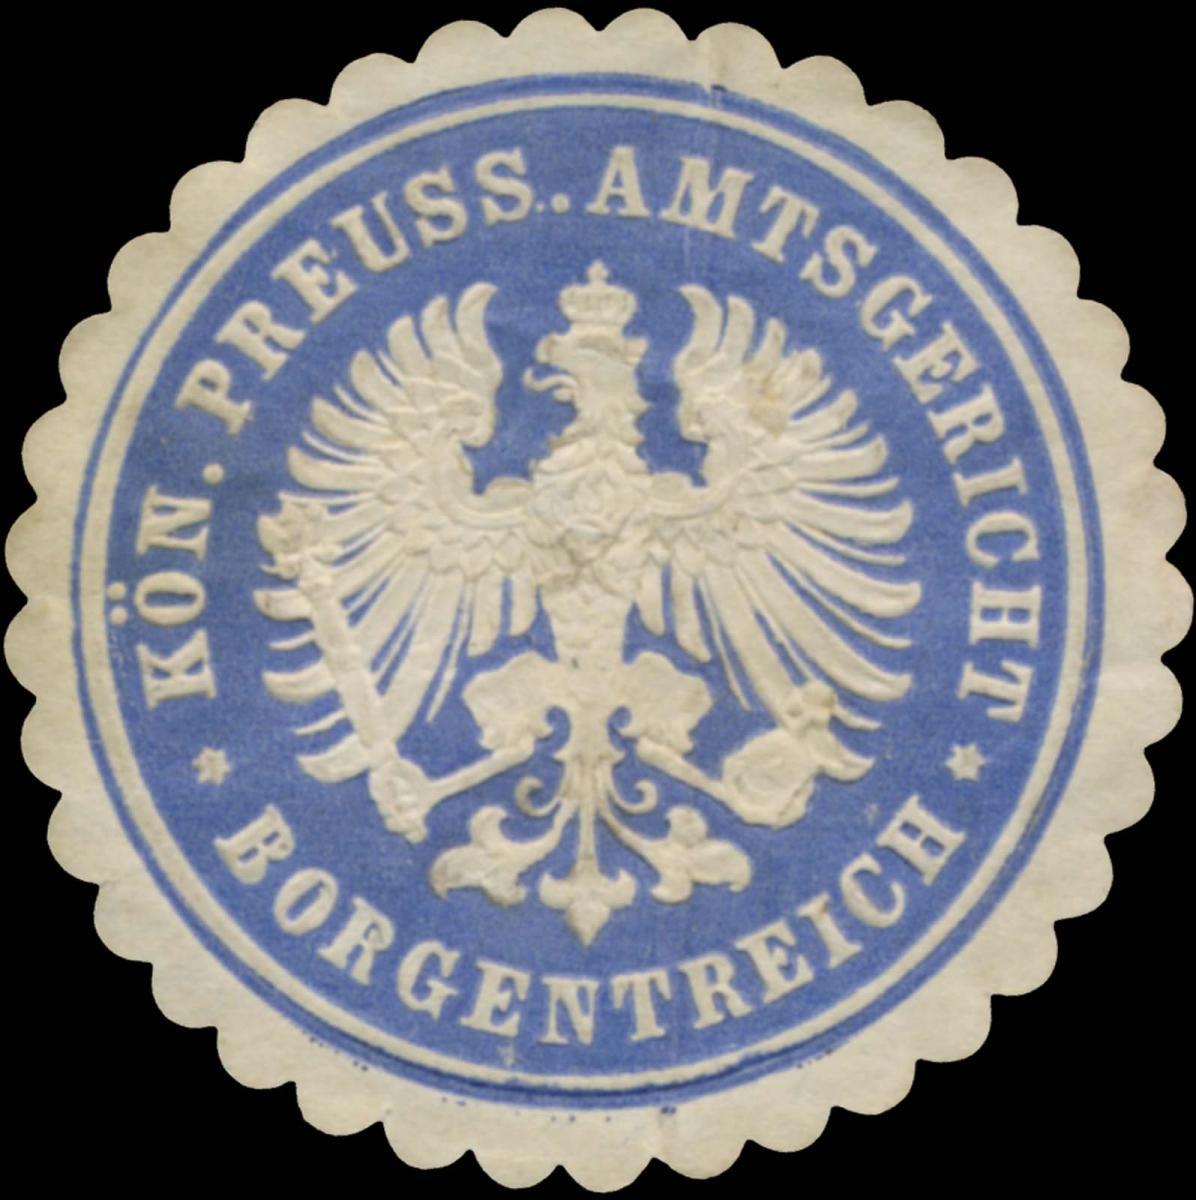 K.Pr. Amtsgericht Borgentreich